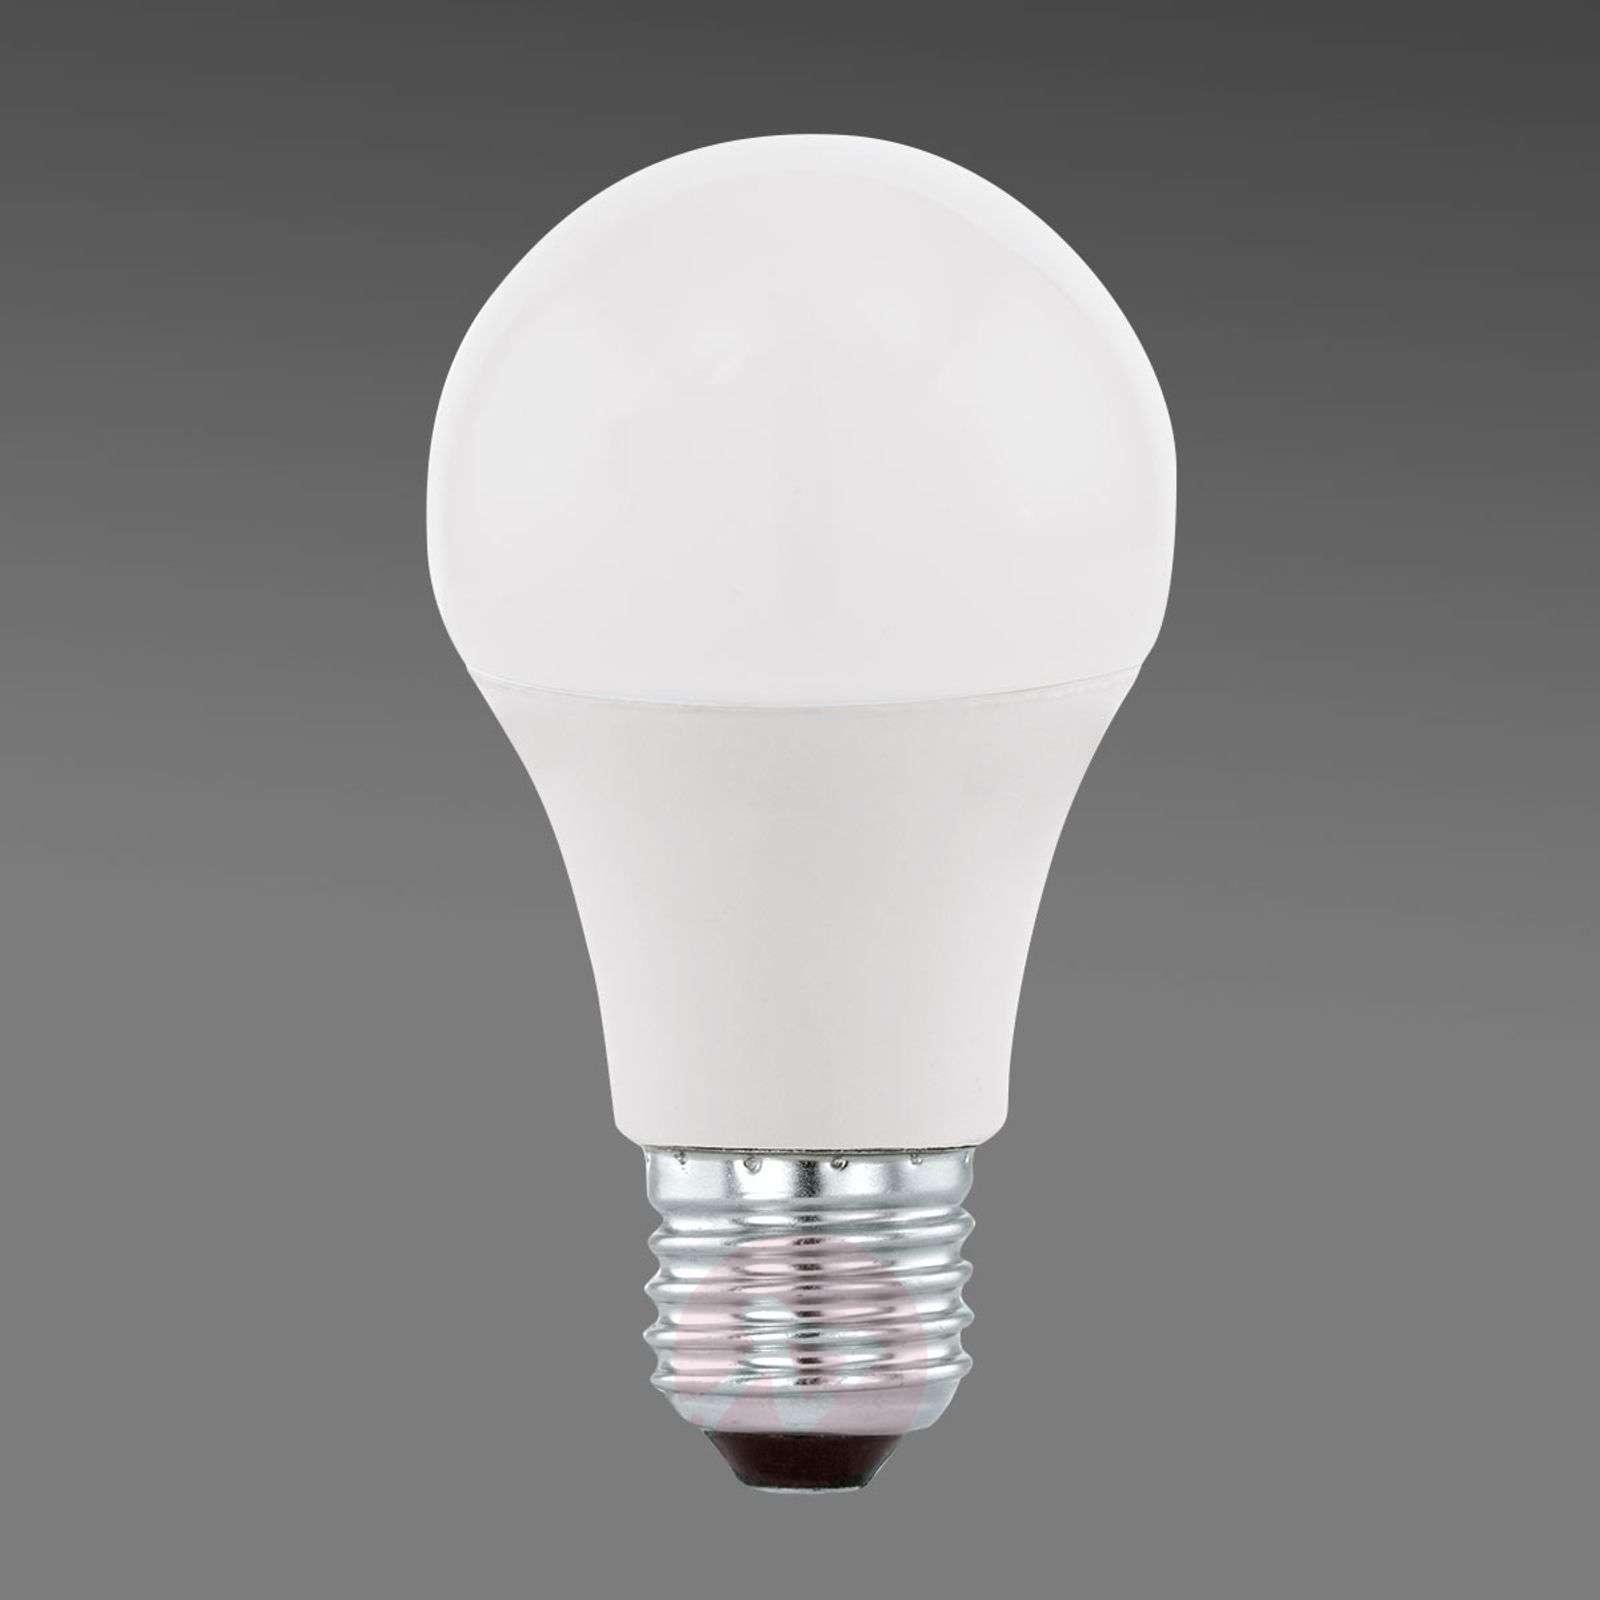 EGLO connect LED bulb E27 9 W LED RGB and white-3032050-01